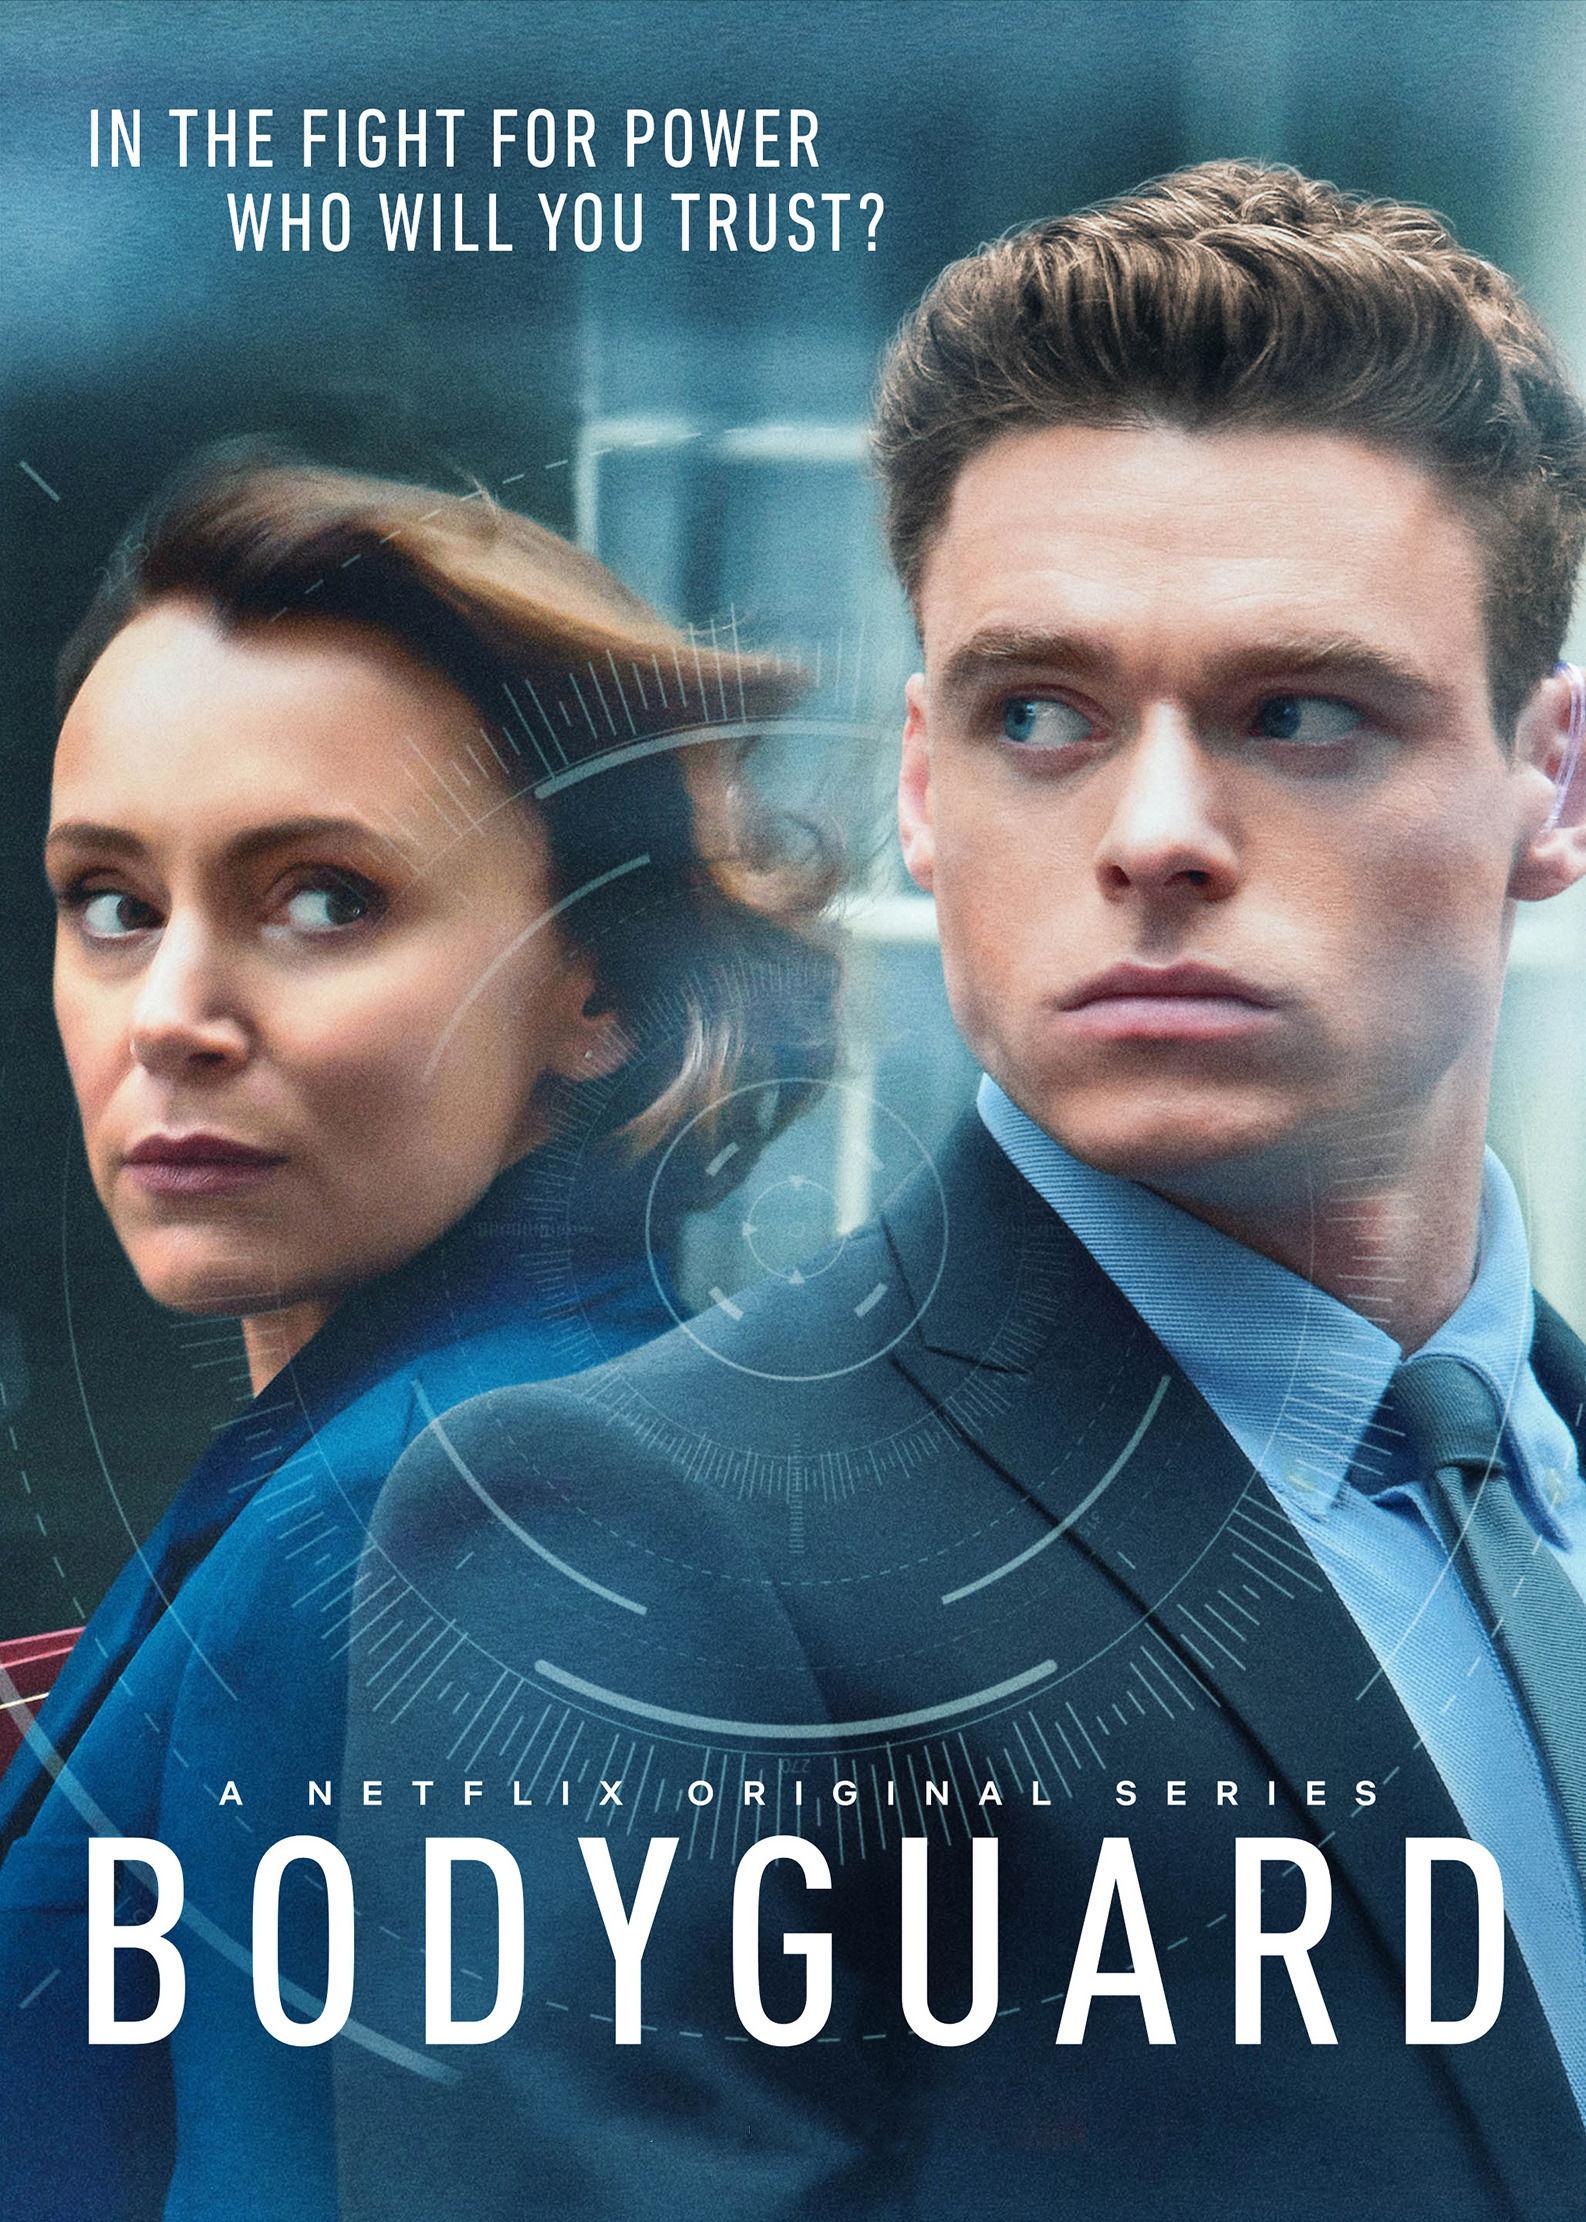 Netflix Bodyguard